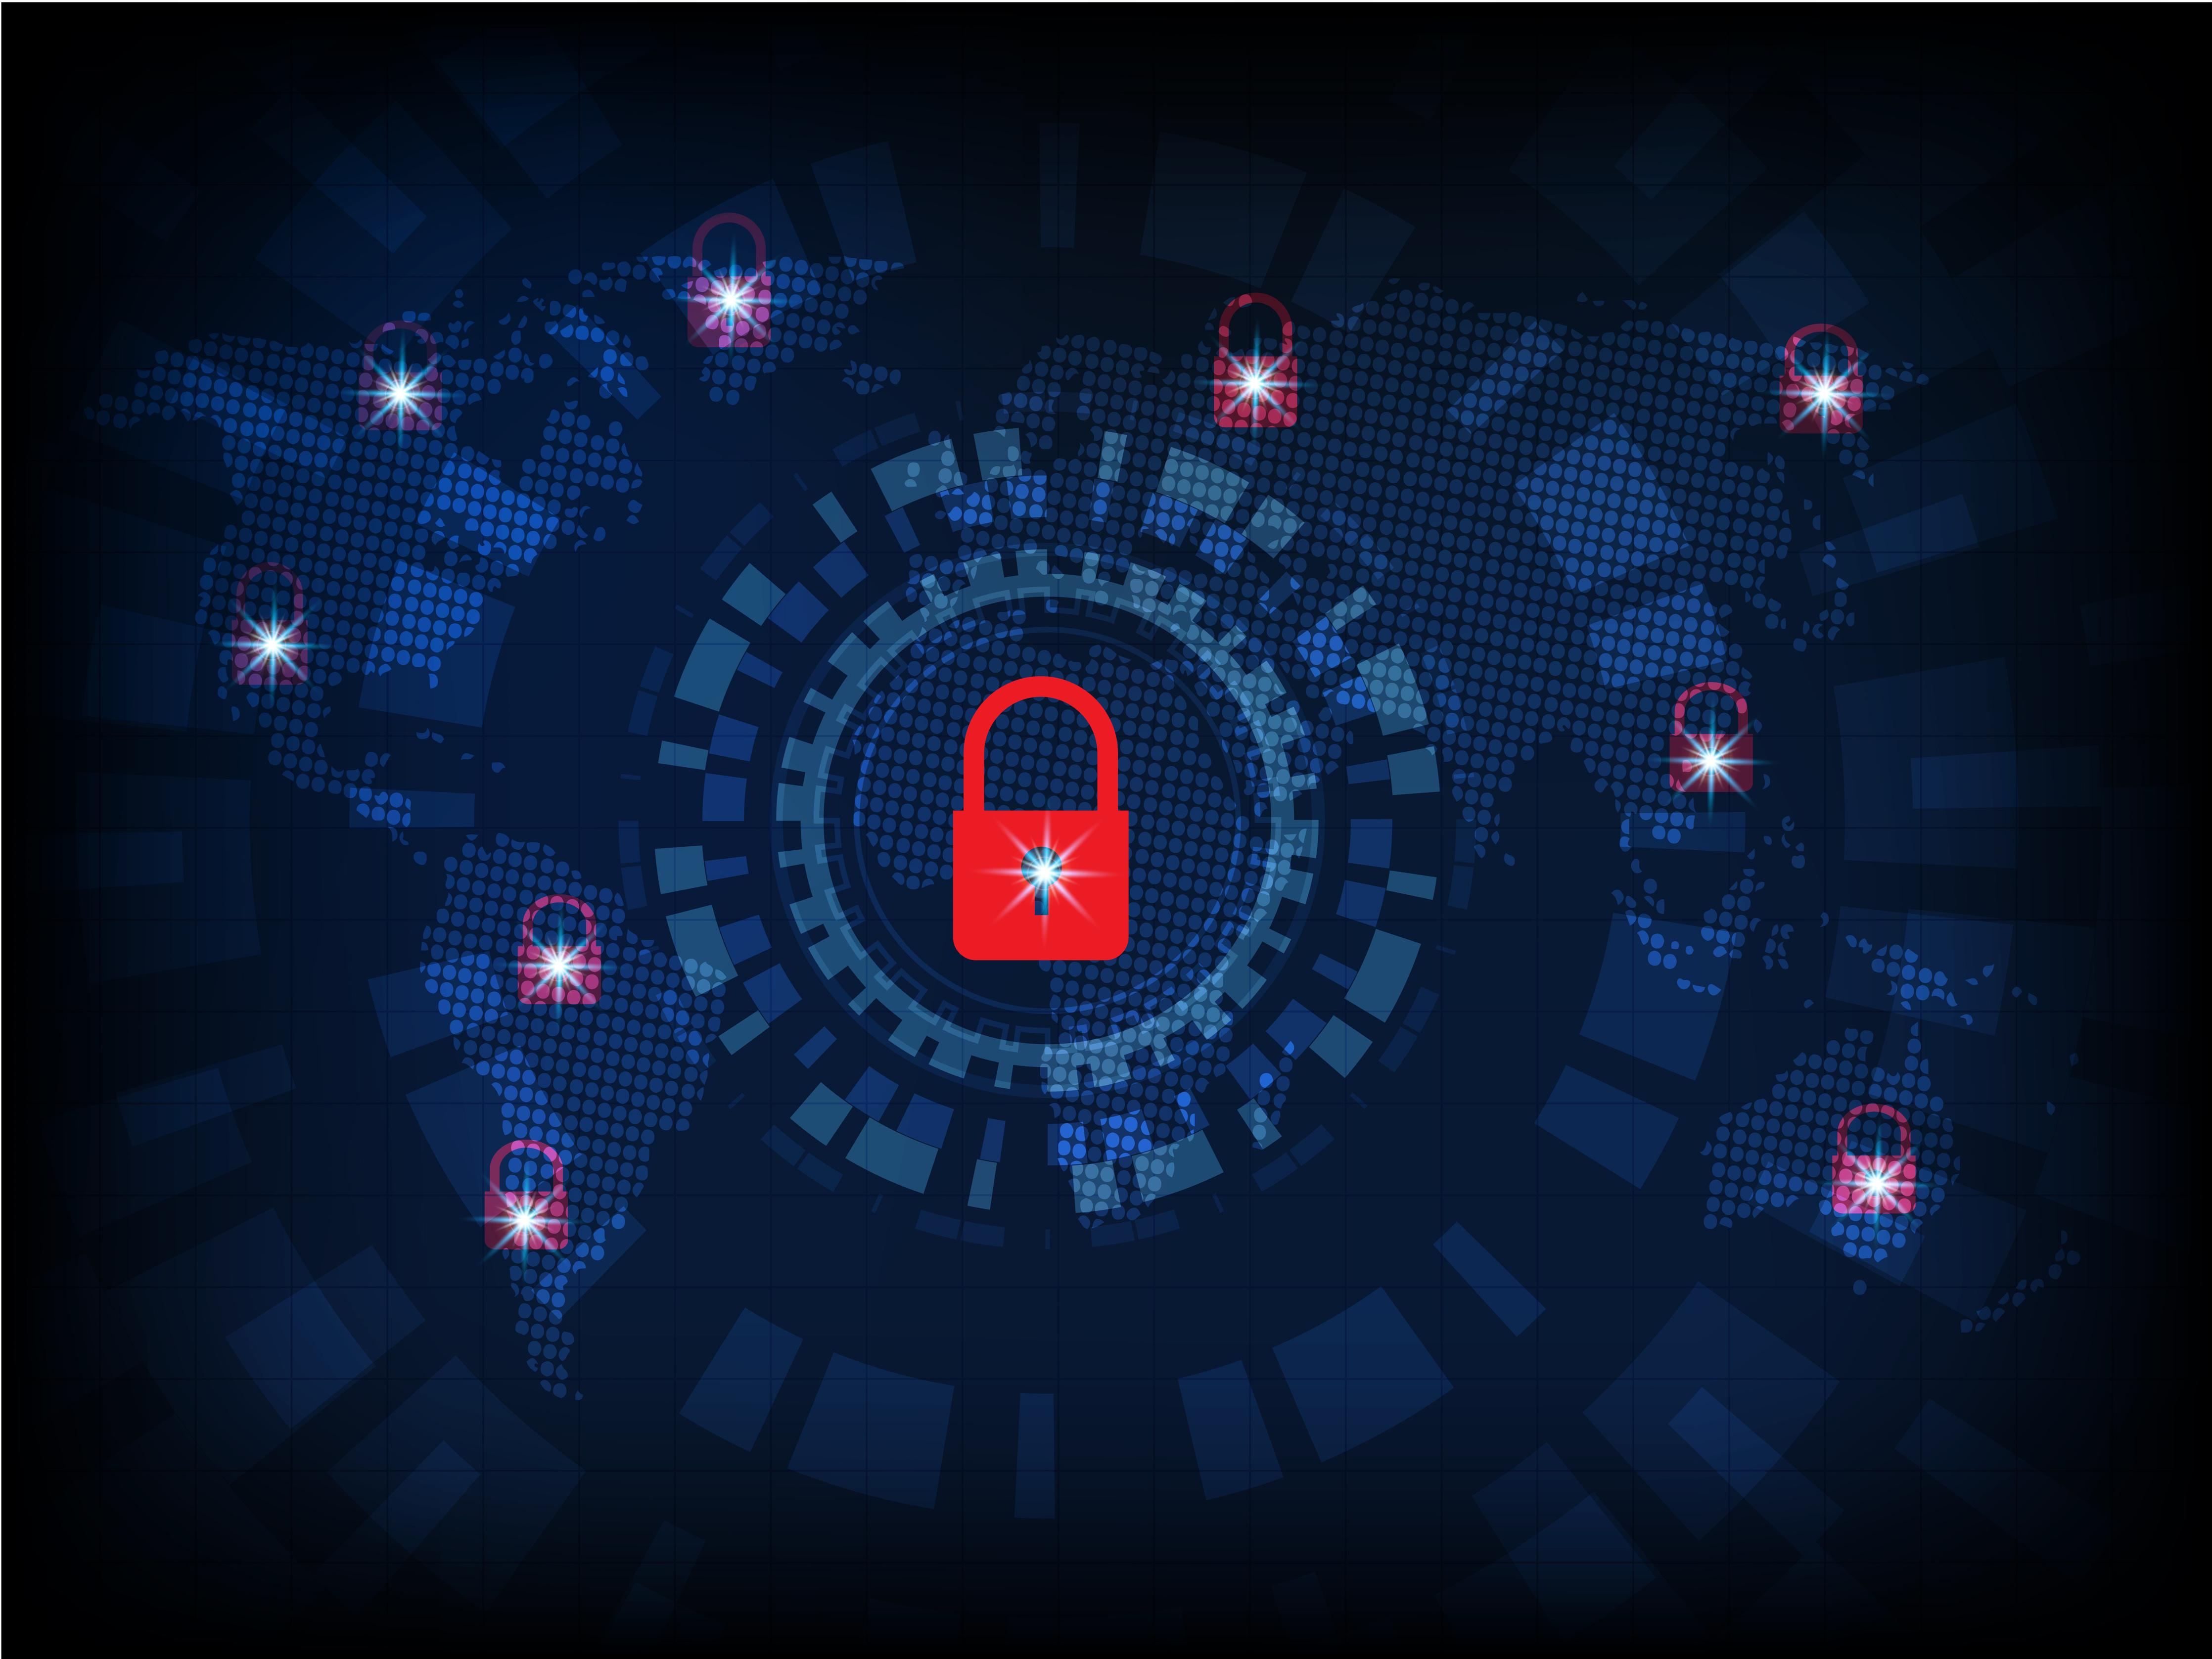 Aucune entreprise, même petite, n'est à l'abri d'une attaque de ransomware